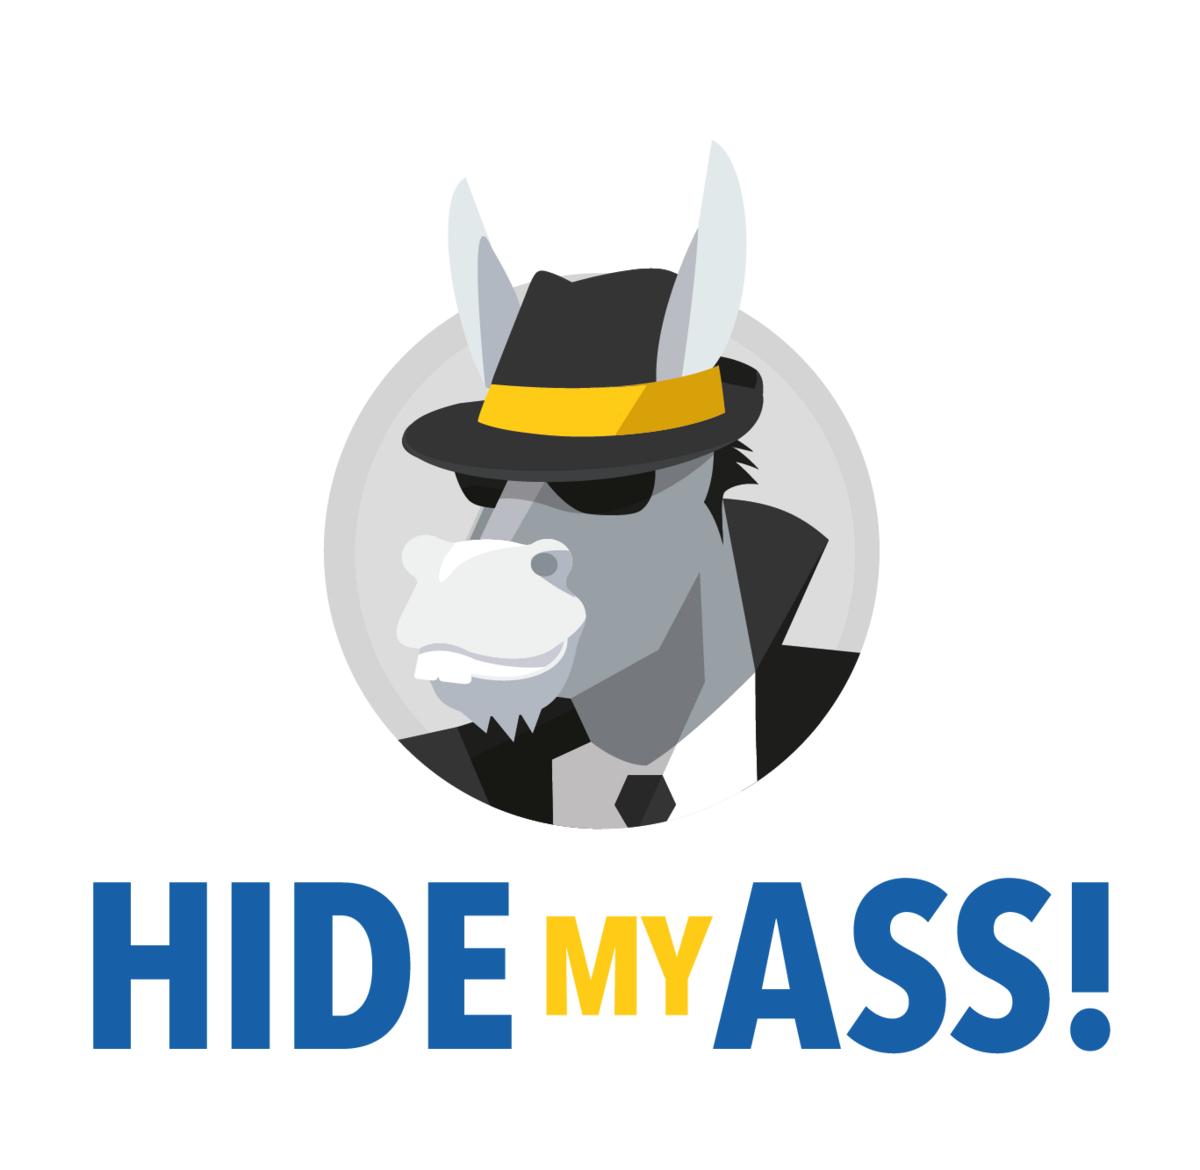 Abonnement au service de VPN HideMyAss! - 1 an à 35.47€, 2 ans à 62.07€ ou 3 ans à 79.81€ (dématérialisé)